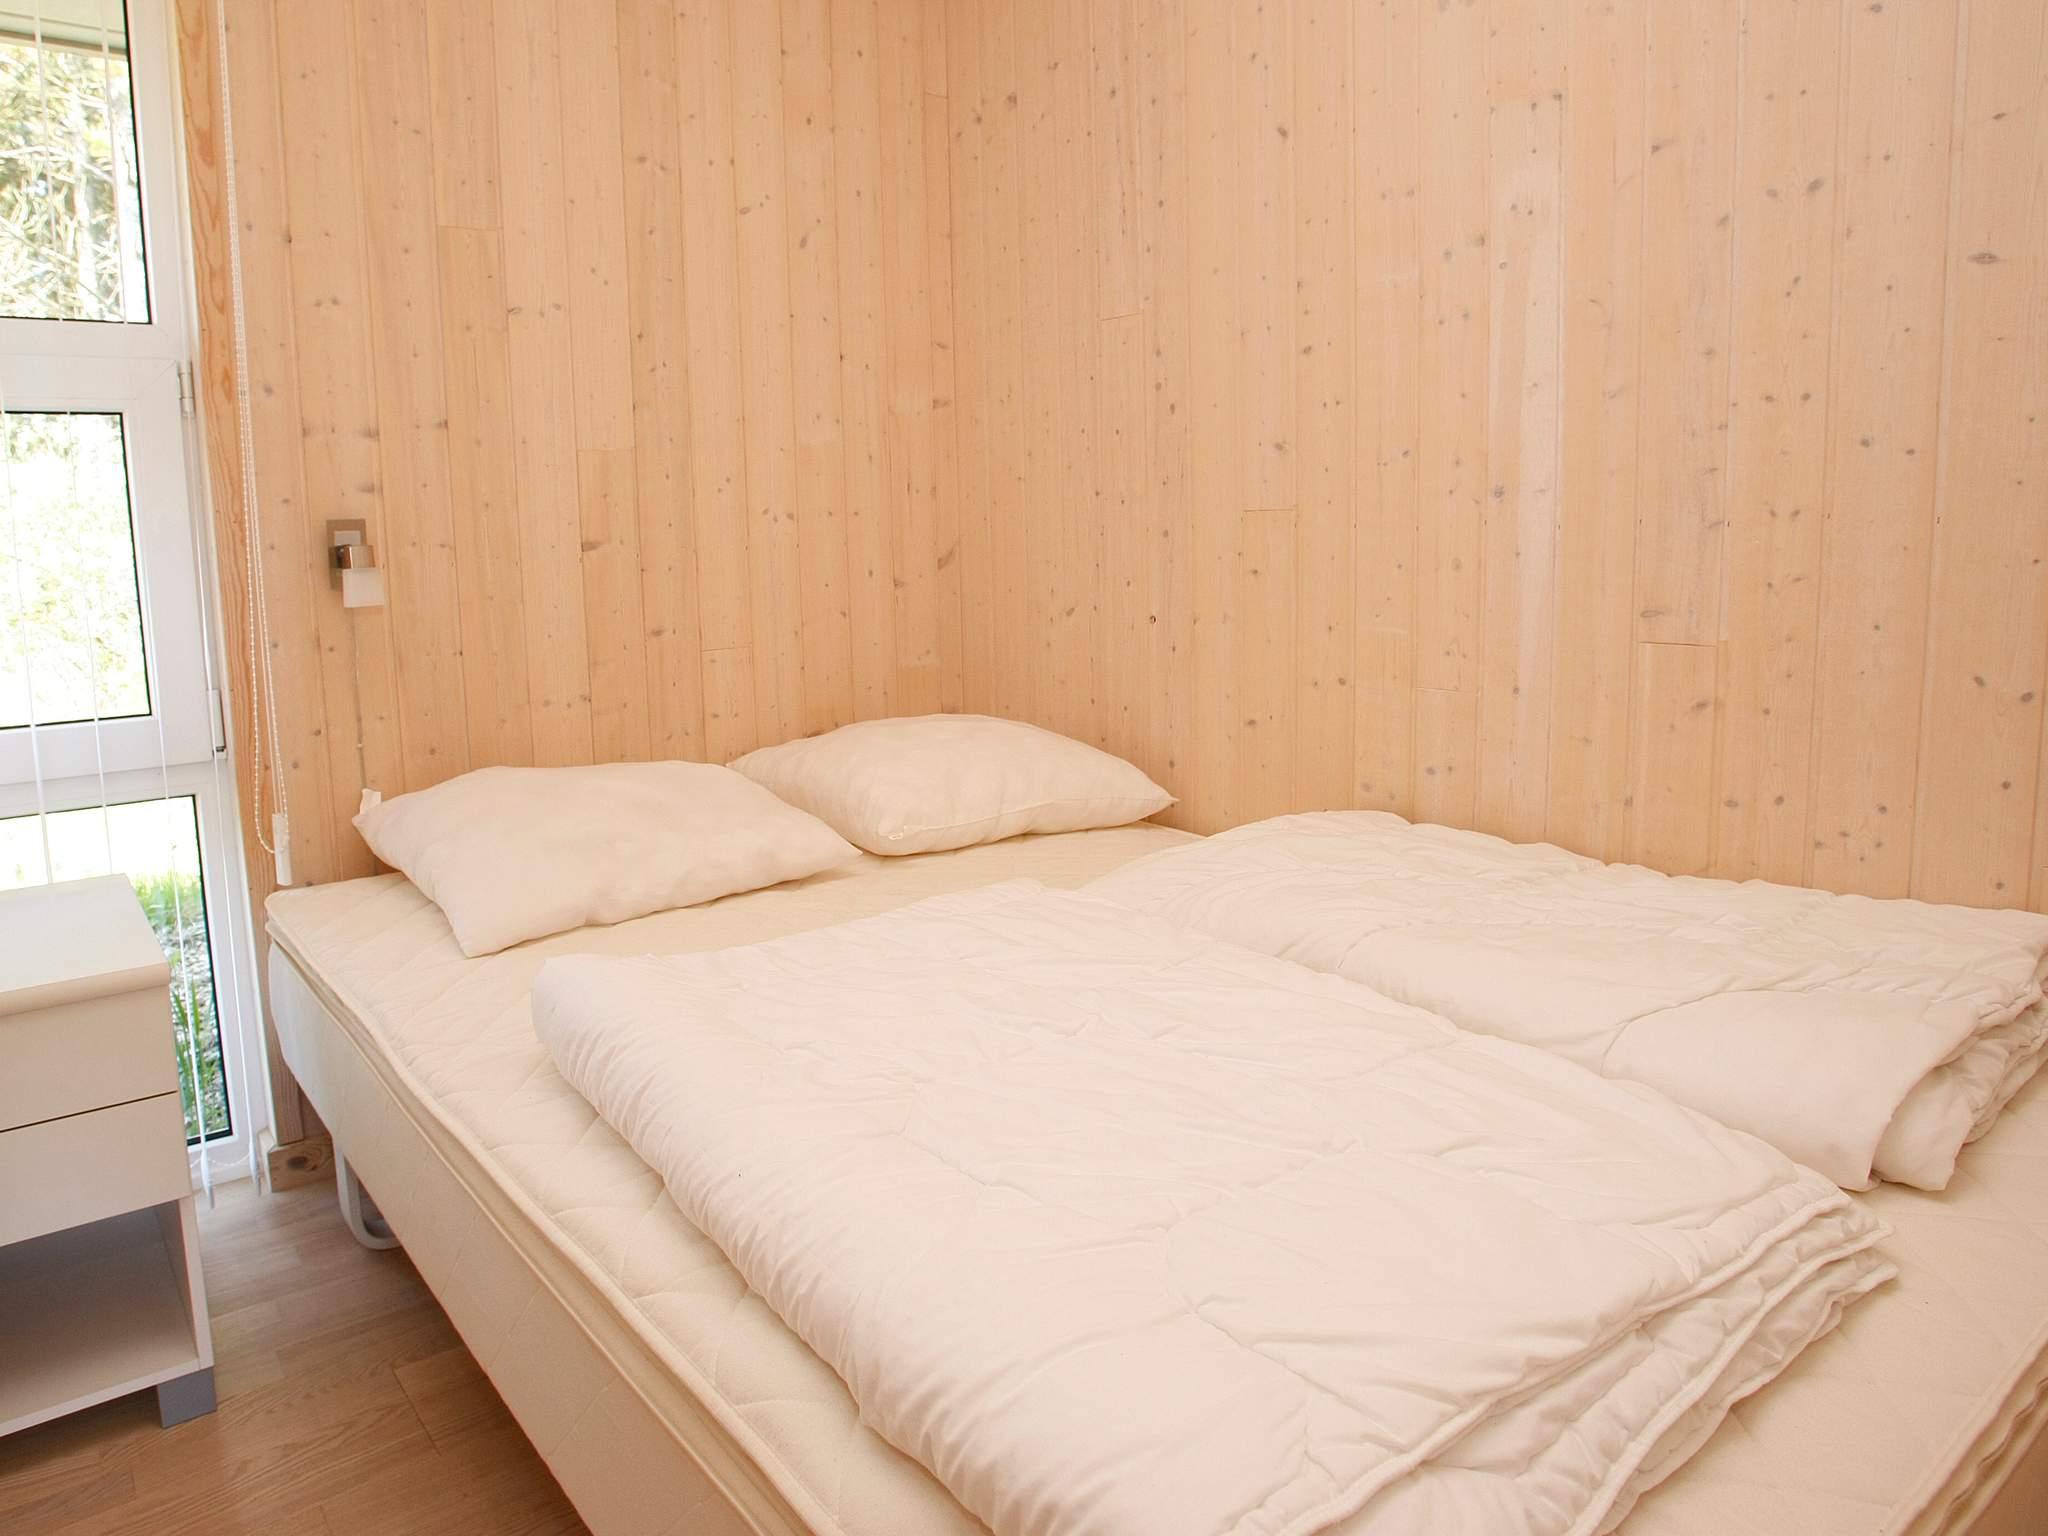 Ferienhaus Lodskovvad (359066), Lodskovvad, , Nordostjütland, Dänemark, Bild 8